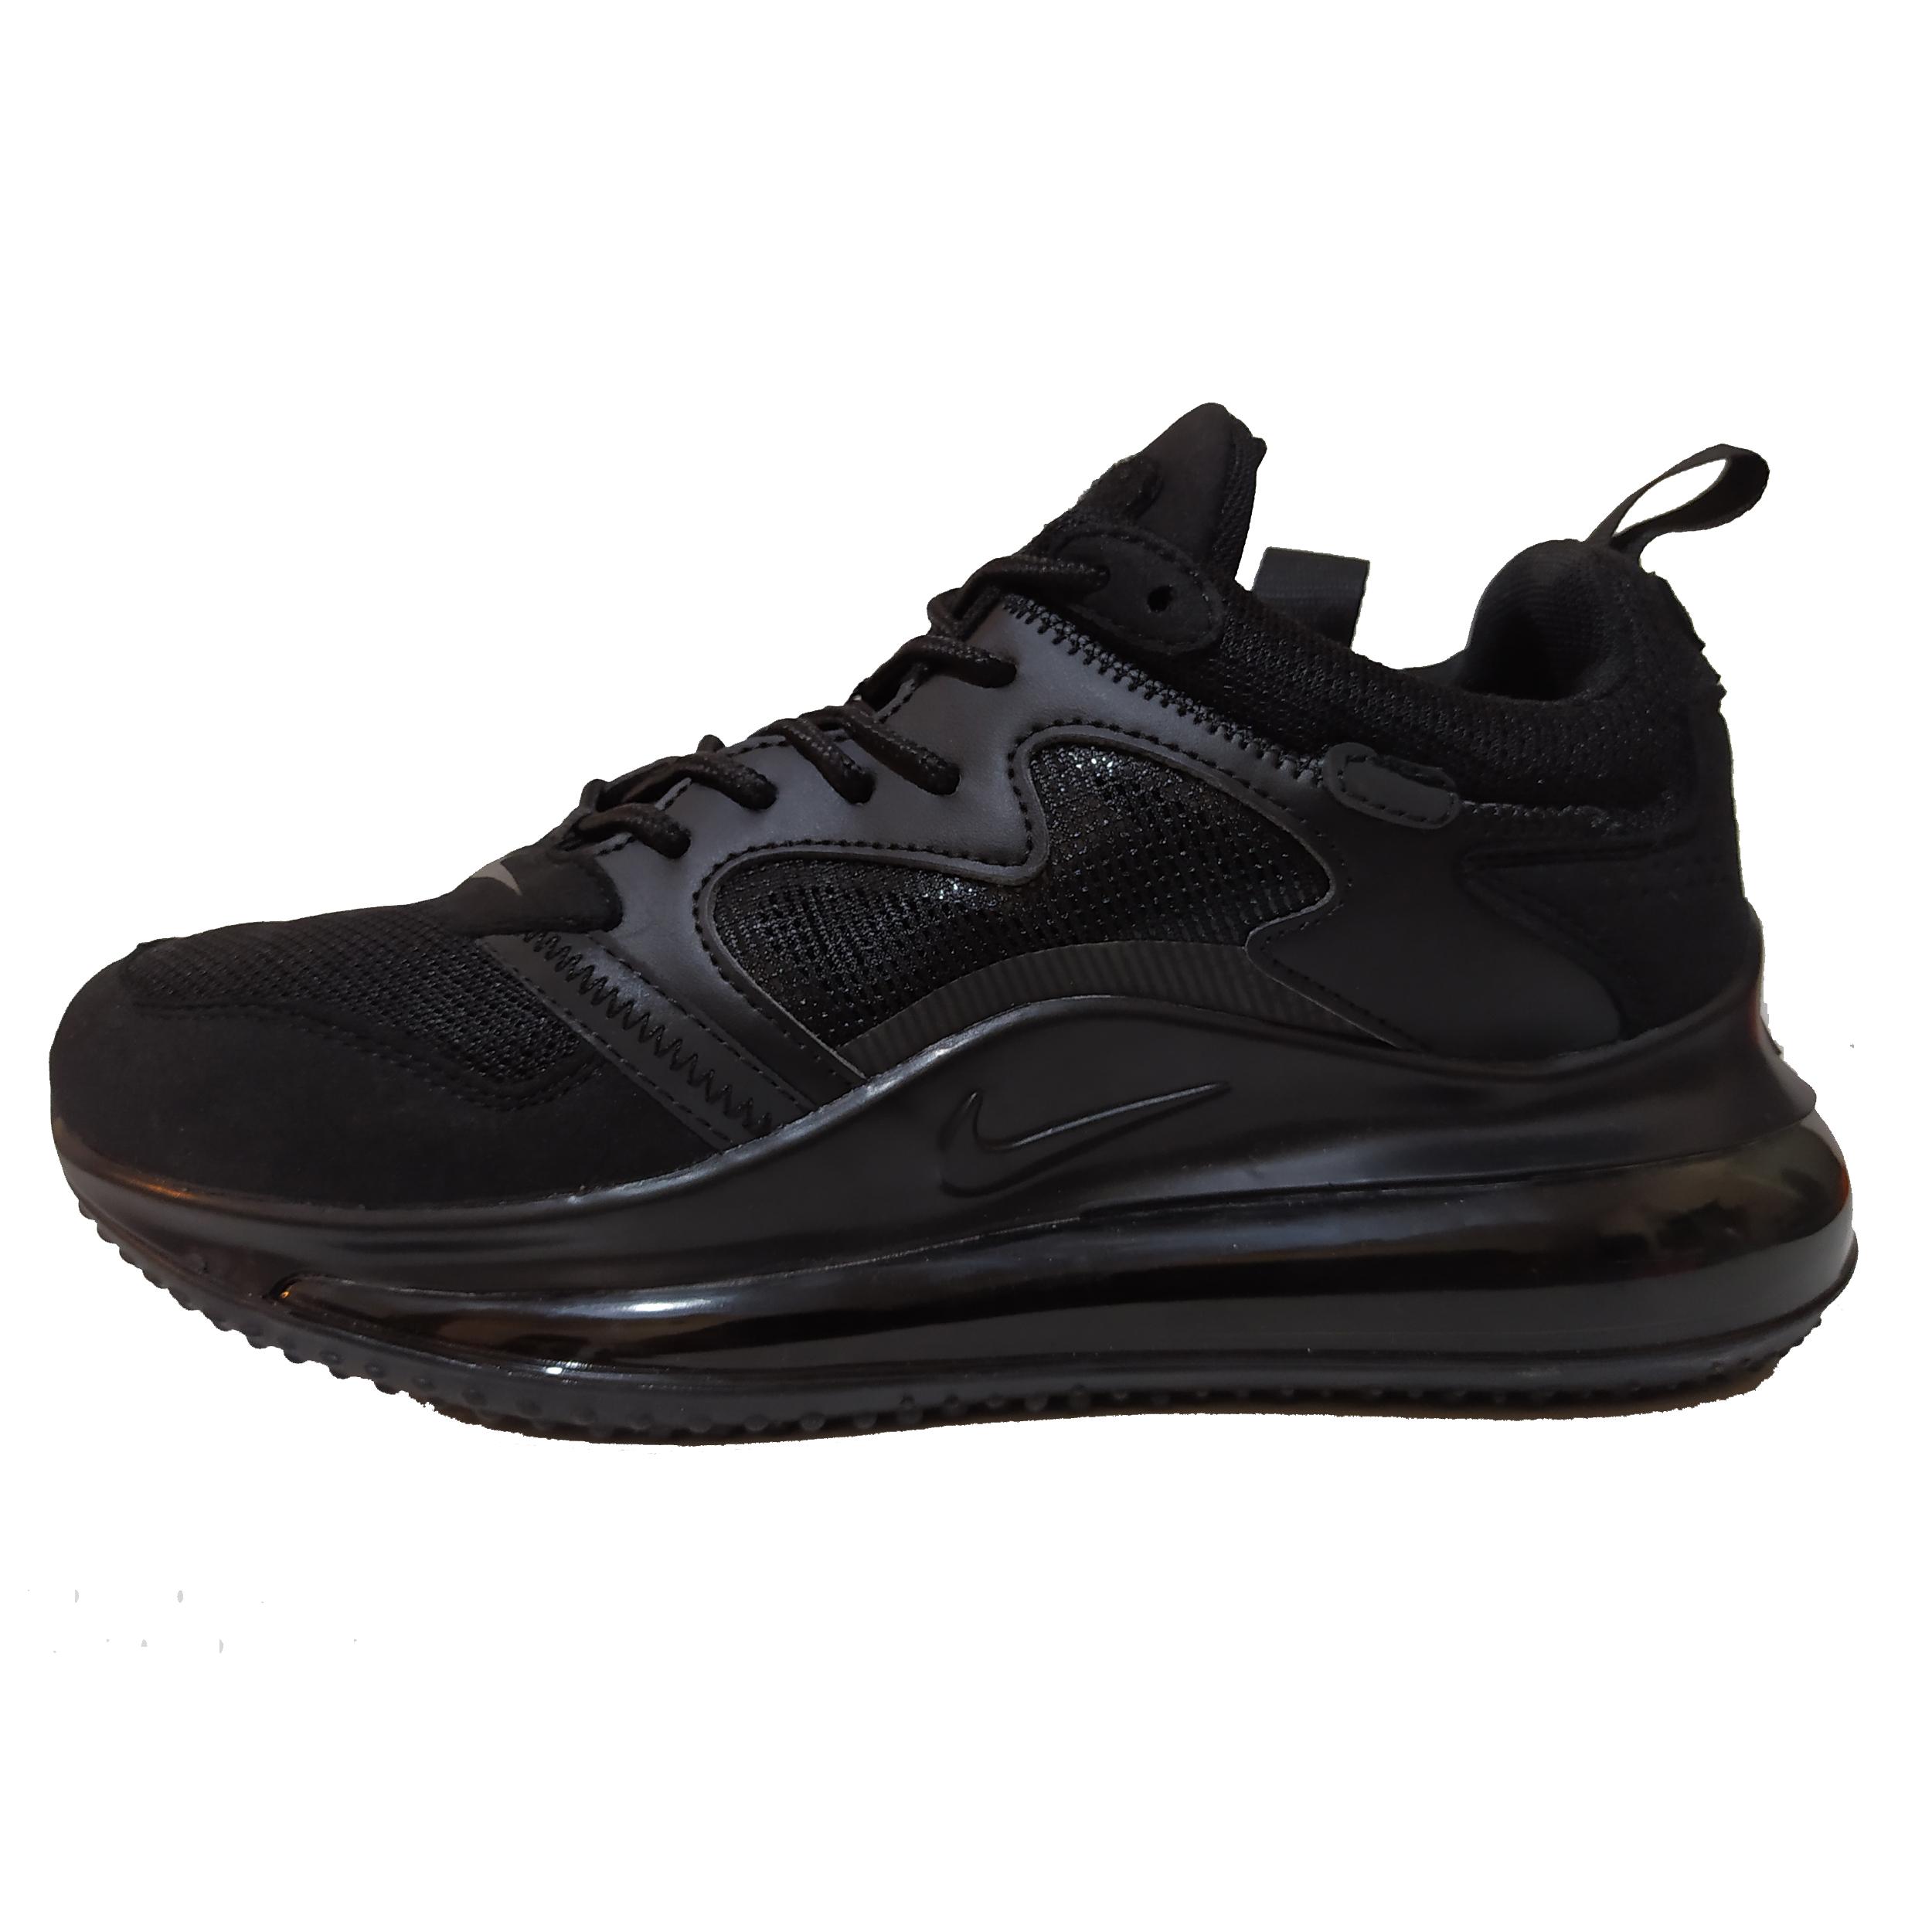 کفش مخصوص پیاده روی مردانه نایکی مدل air 720 new